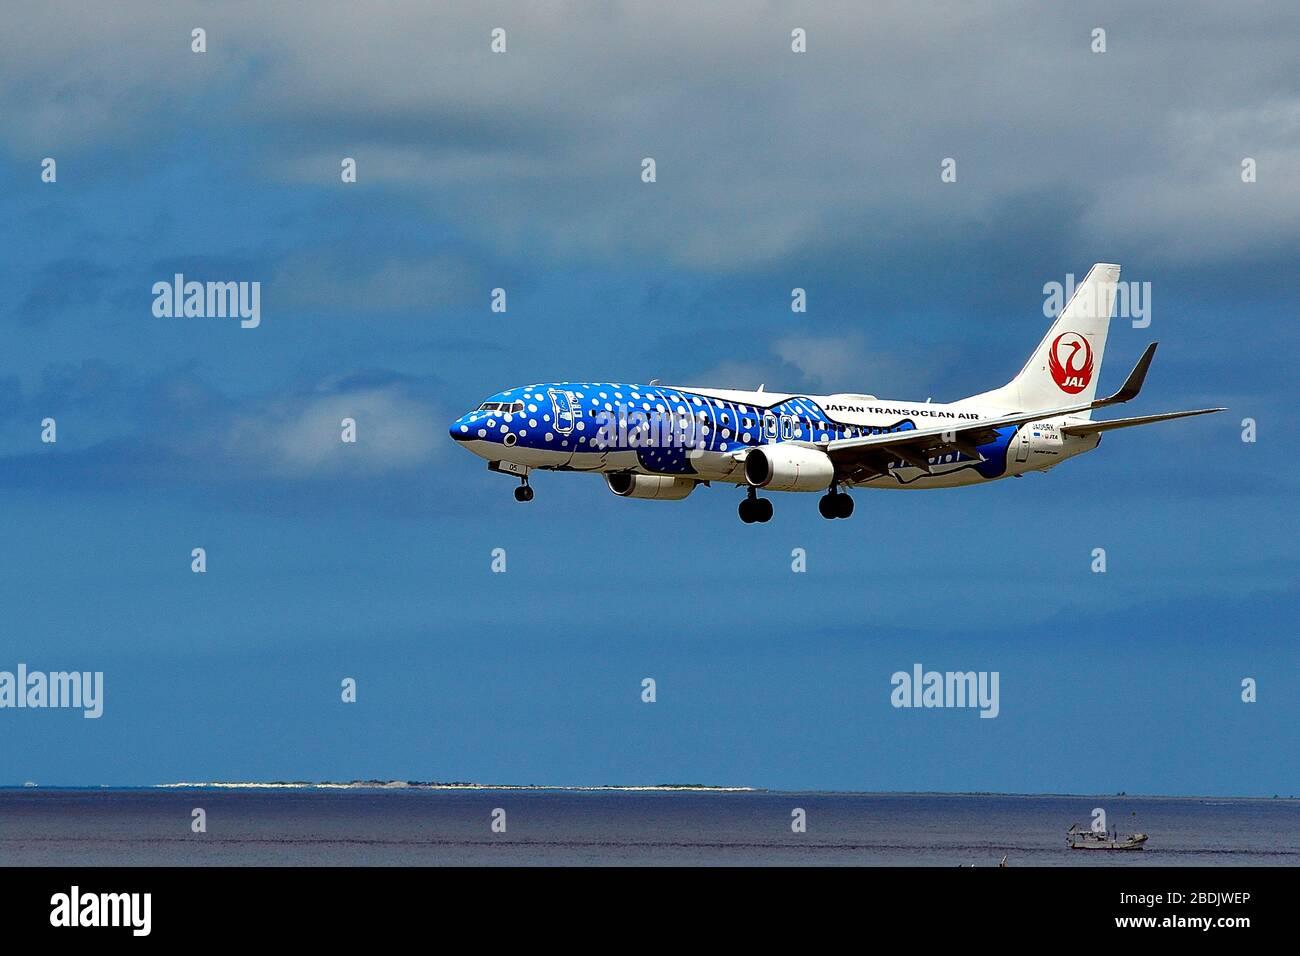 Japan Transocean Air, JTA, Boeing B-737/800, JA 05RK, Whaleshark, Landing, Naha Airport, Naha, Okinawa, Ryukyu Islands, Japan Stock Photo